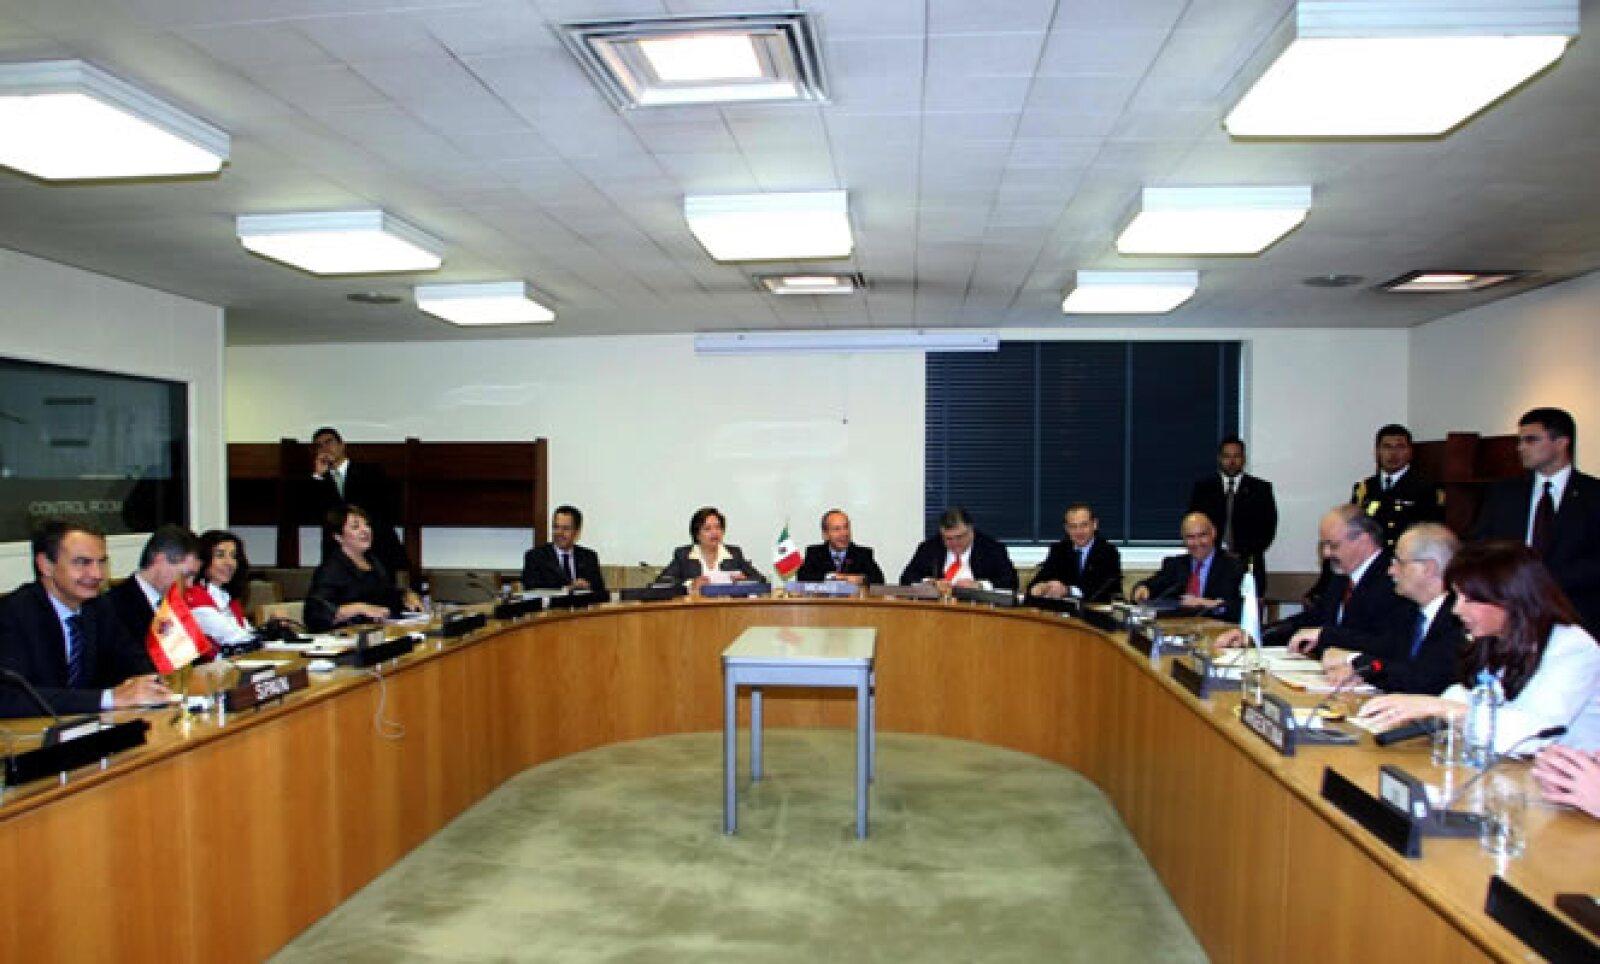 Los jefes de Estado y de Gobierno de los países iberoamericanos miembros del G-20 se reunieron el jueves en la Sede de la Organización de las Naciones Unidas en la ciudad de Nueva York. Felipe Calderón asistió.